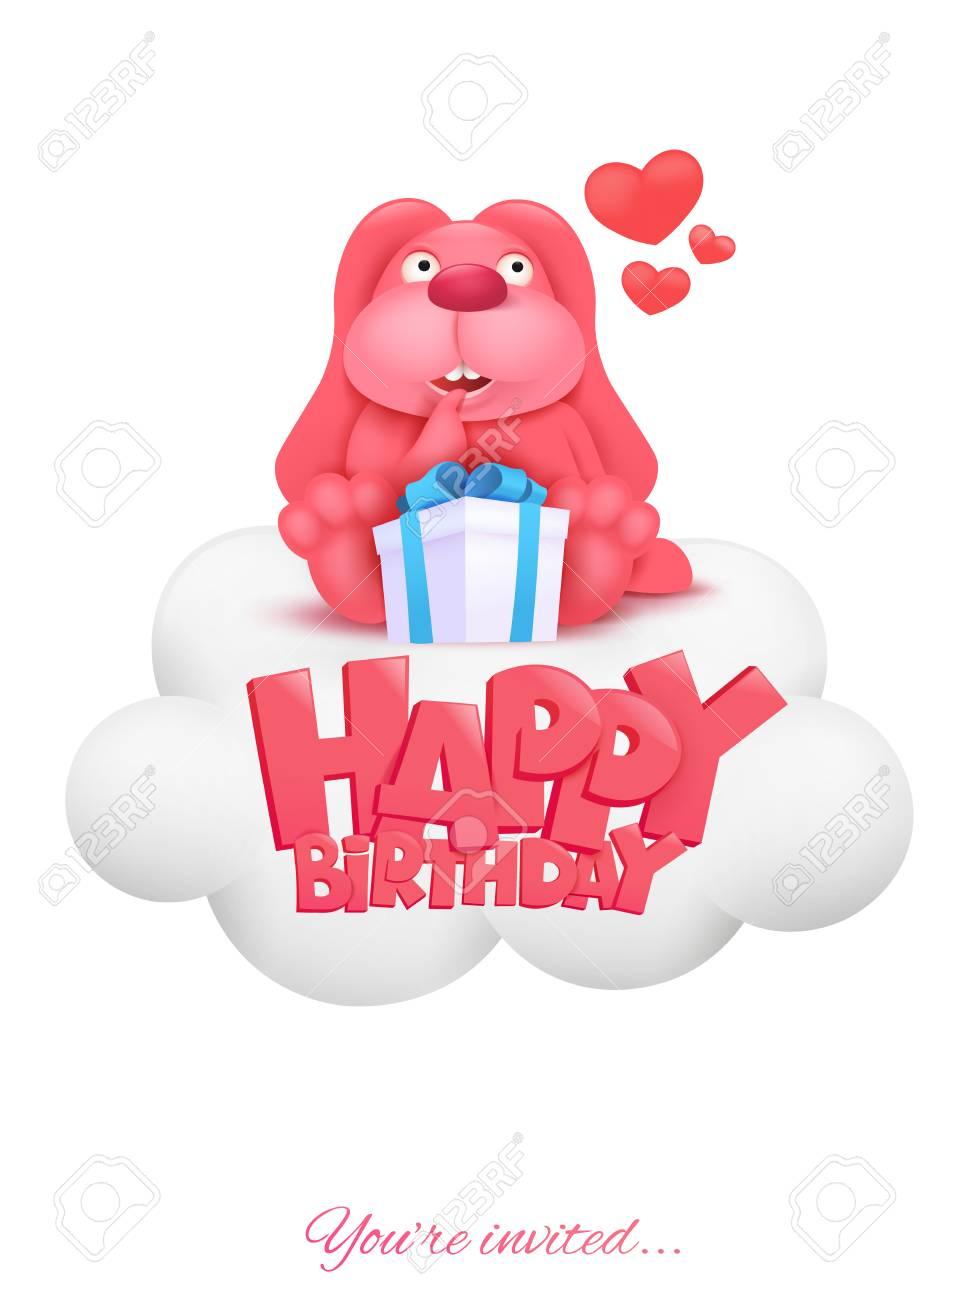 Tarjeta De Invitación De Feliz Cumpleaños Con El Personaje De Conejo Rosa De Dibujos Animados Sentado En La Nube